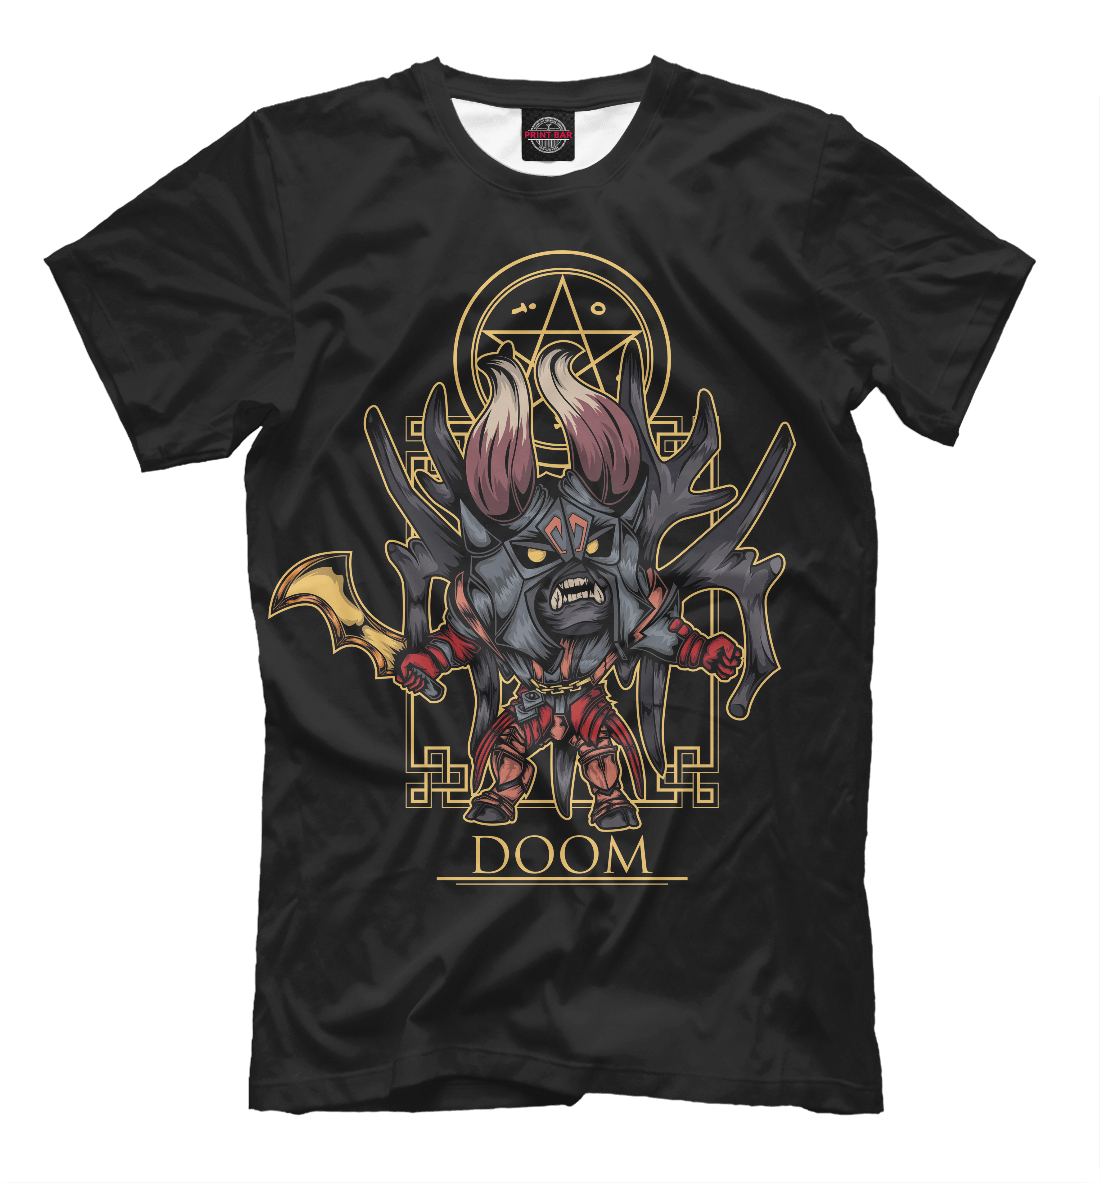 Купить Doom Dota 2, Printbar, Футболки, DO2-104813-fut-2